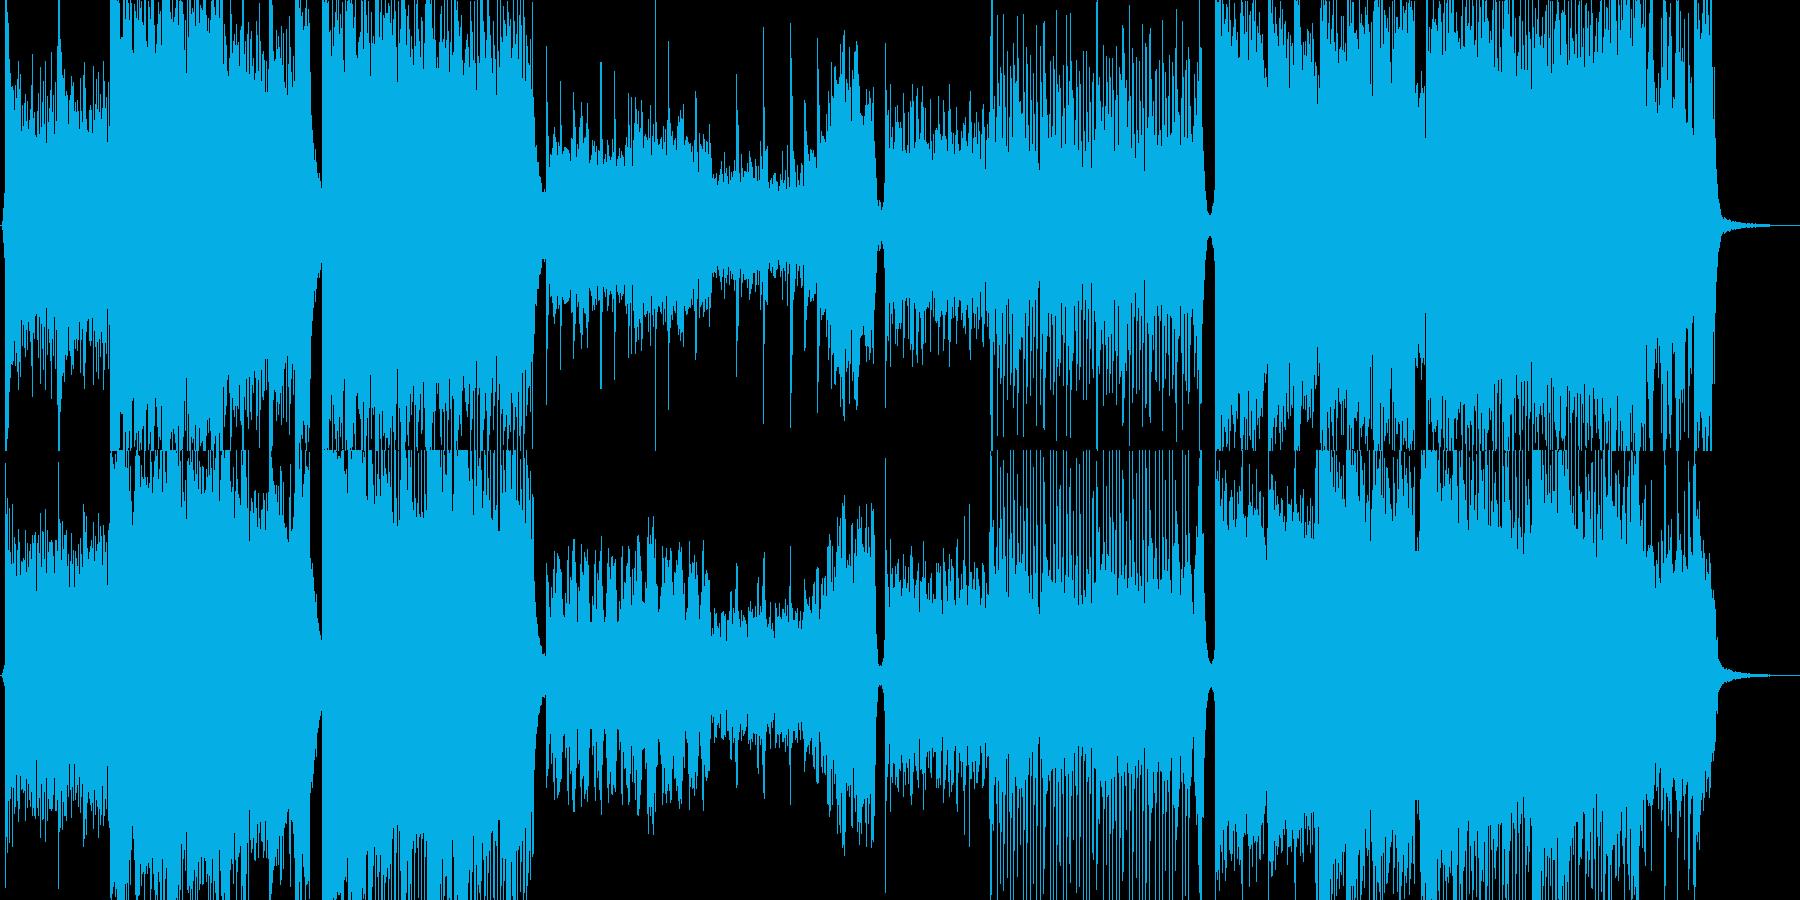 Overture-華やかなオーケストラ曲の再生済みの波形